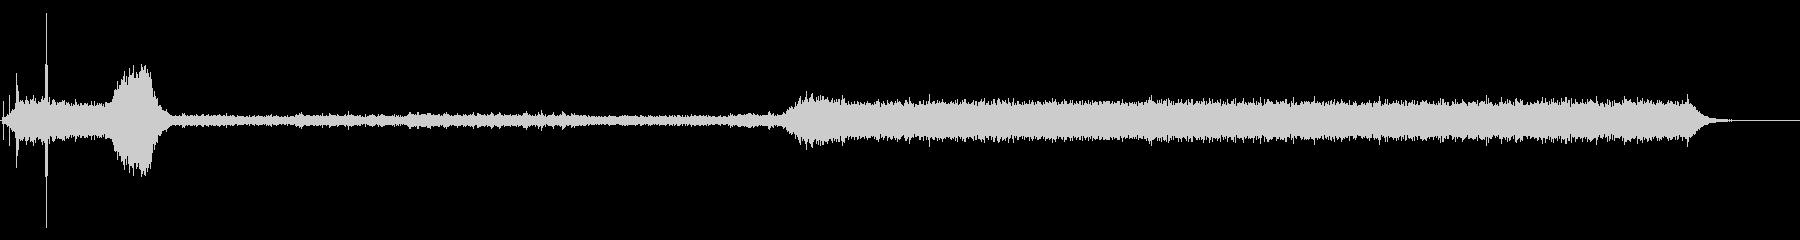 PC 駆動音01-01(オンオフ)の未再生の波形